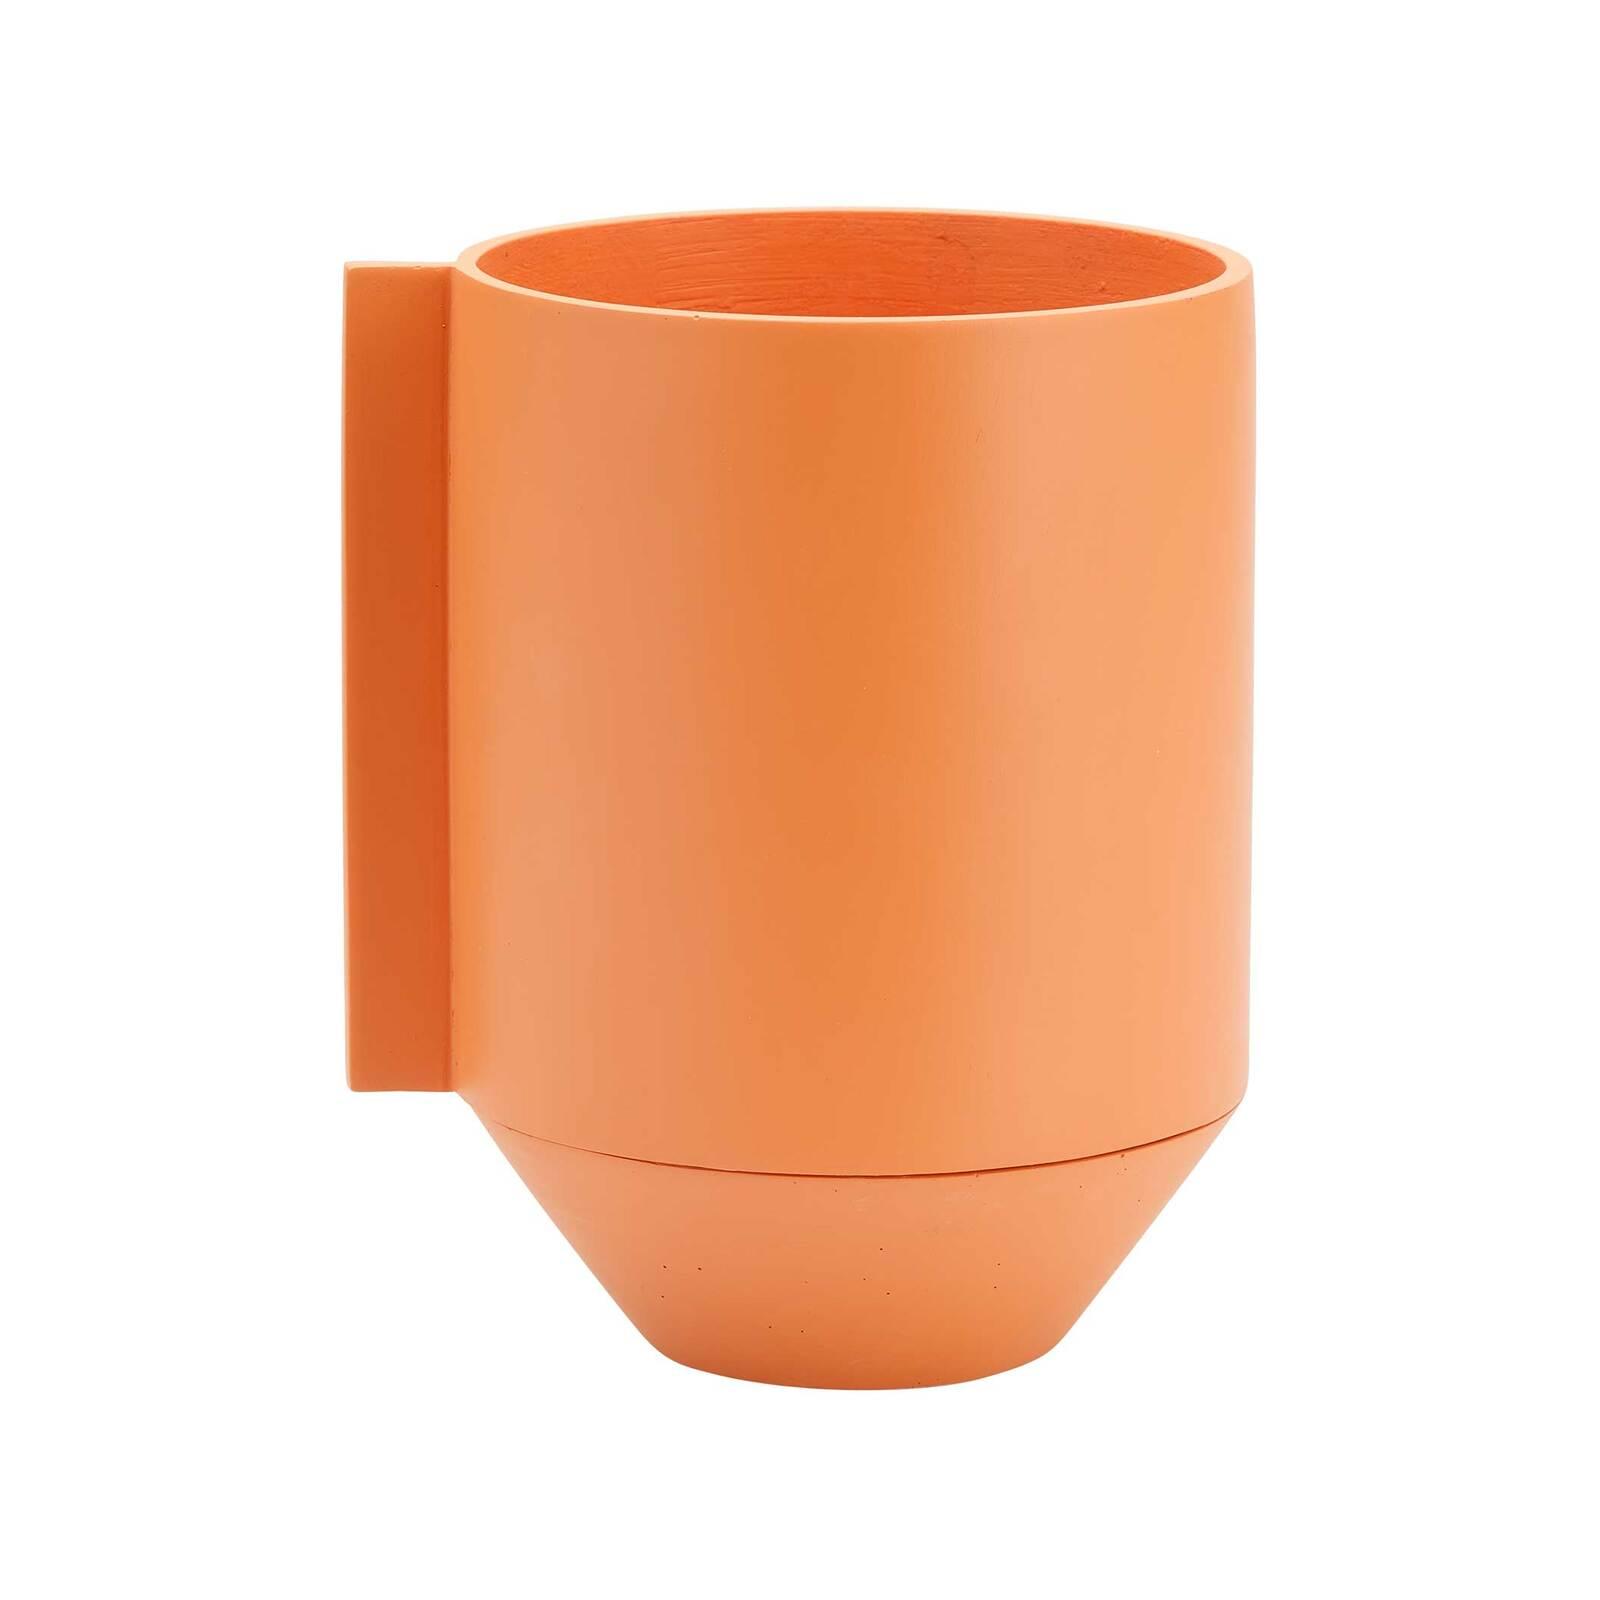 Capra 16.4 x 20.6cm Desert Line Resin Pot